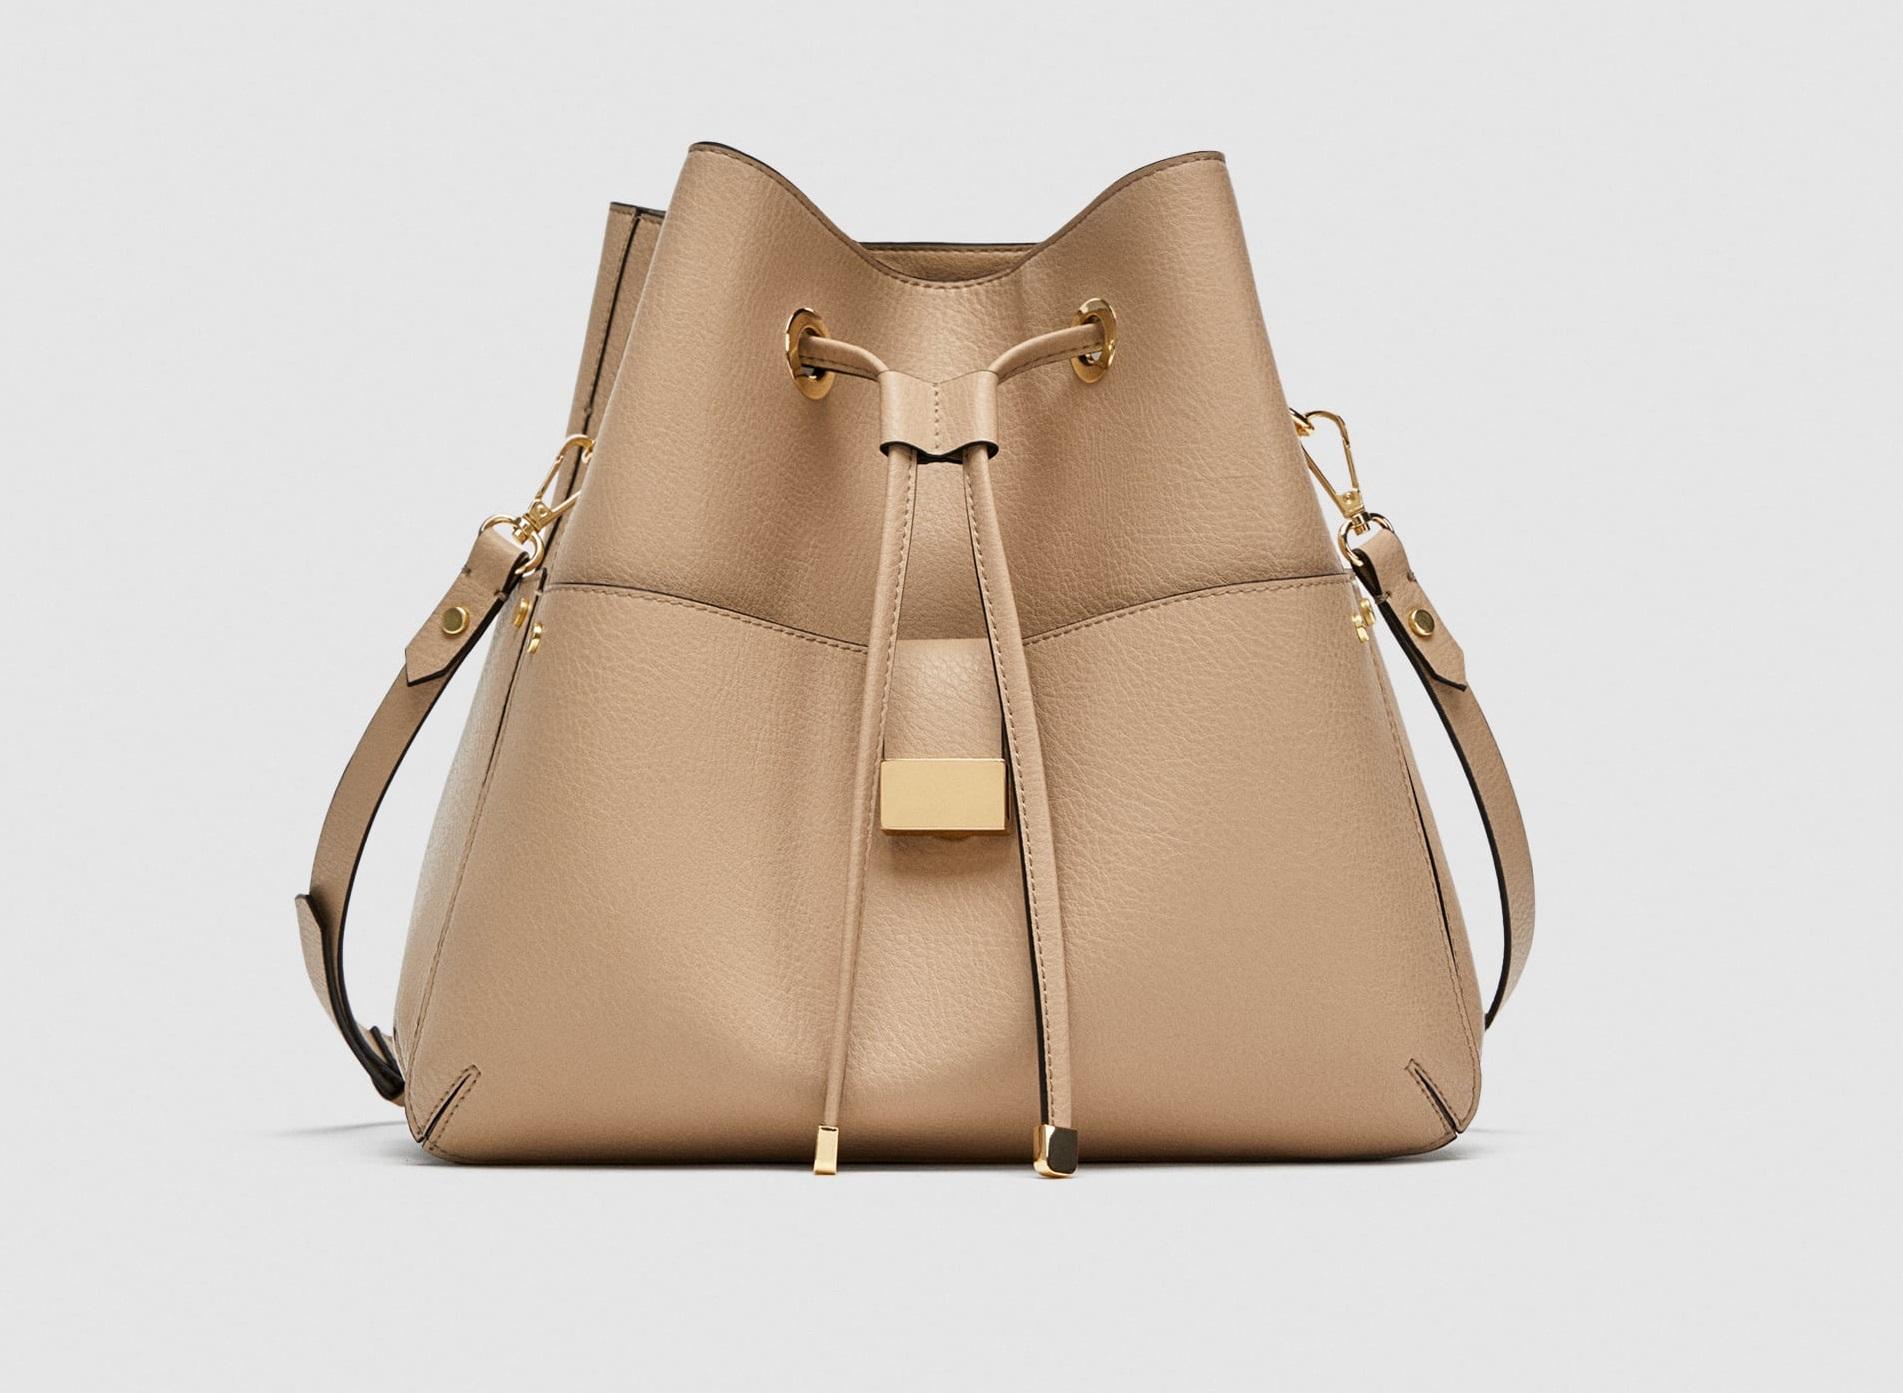 Borsa a secchiello beige Zara collezione primavera estate 2018